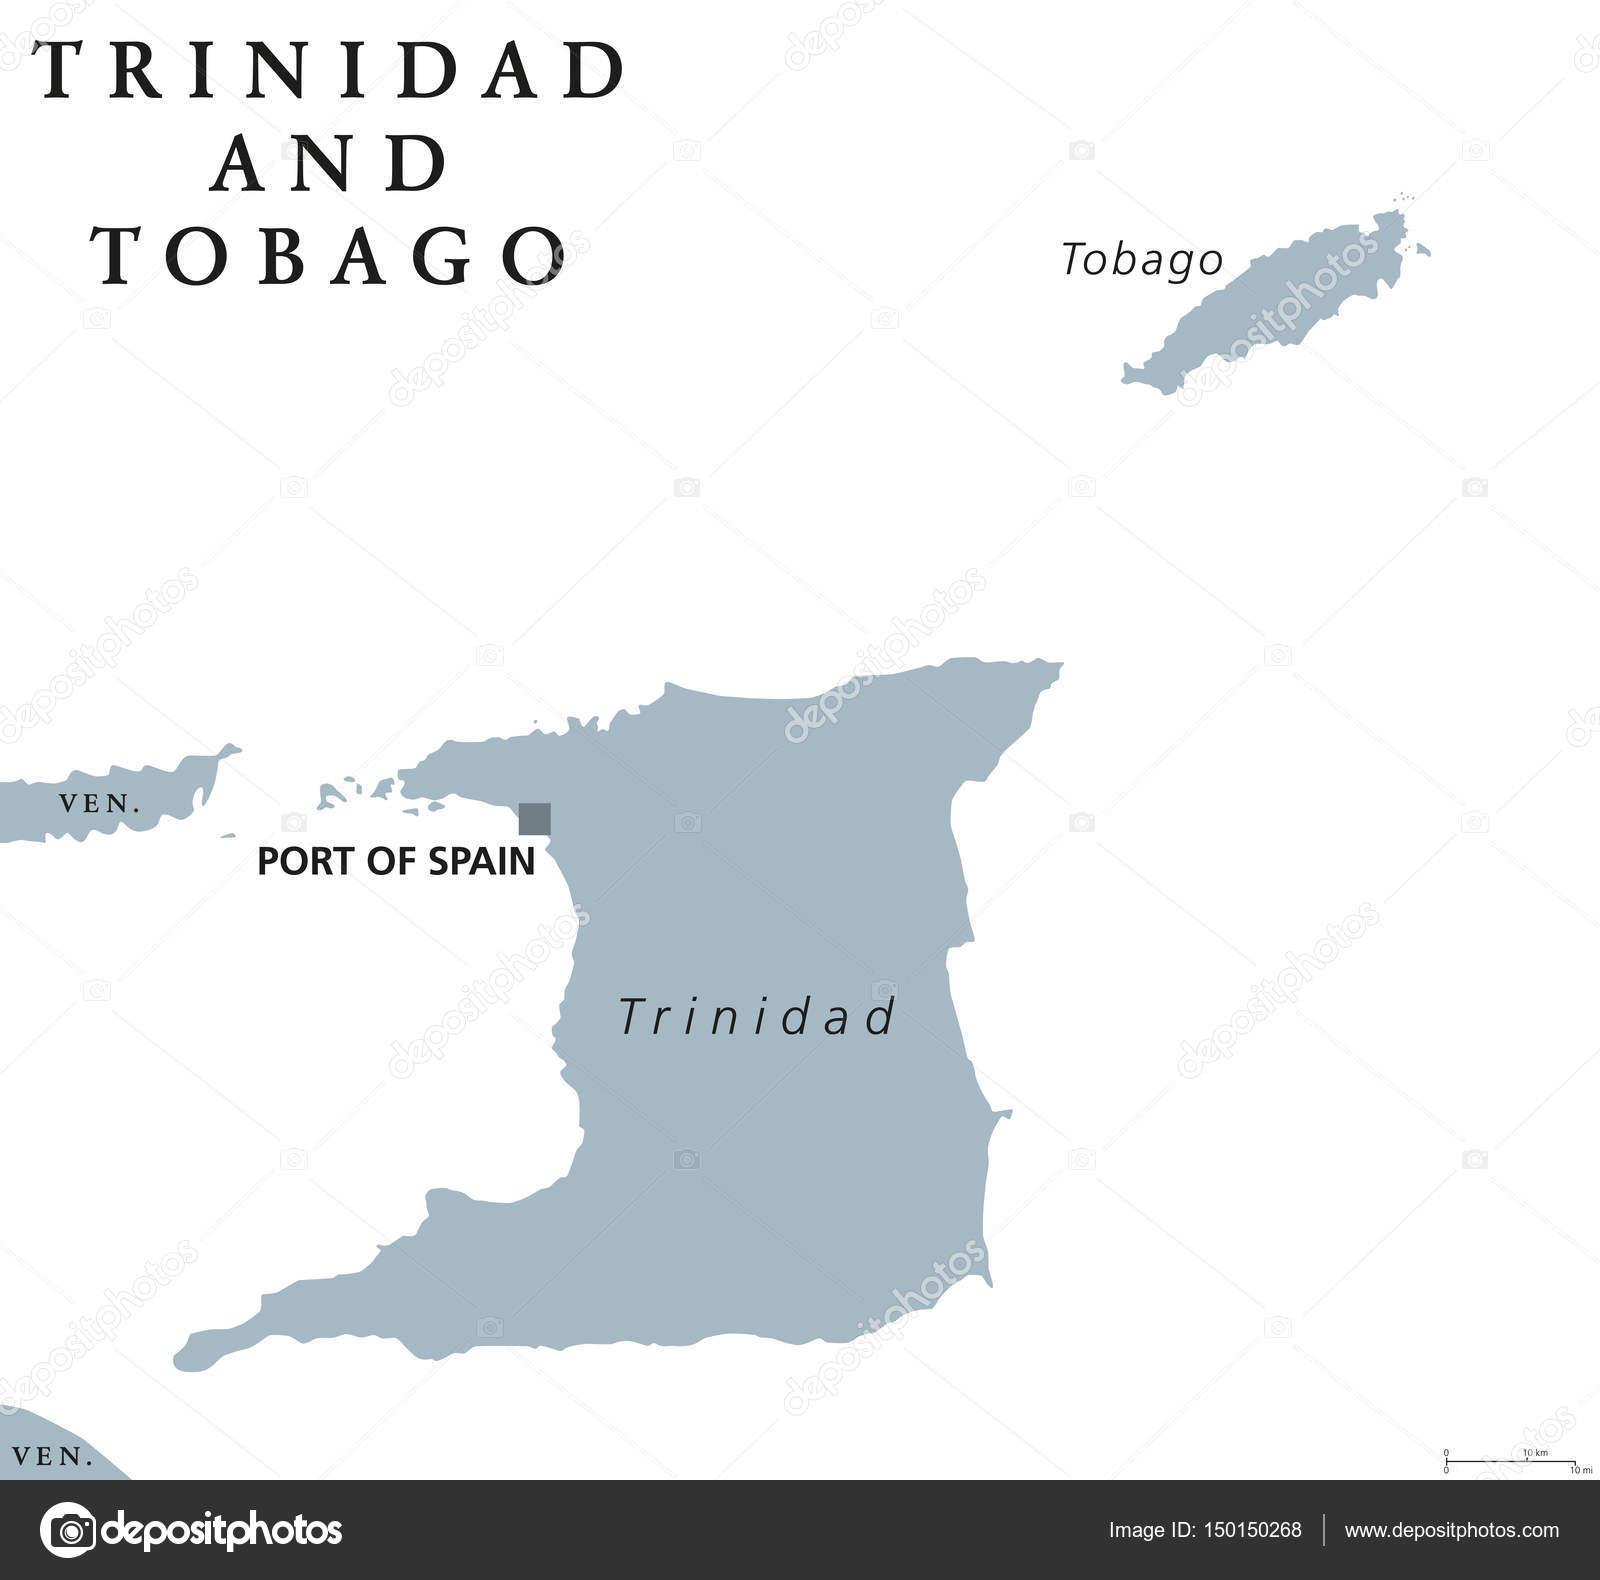 karta trinidad Trinidad och Tobago politiska karta — Stock Vektor © Furian #150150268 karta trinidad